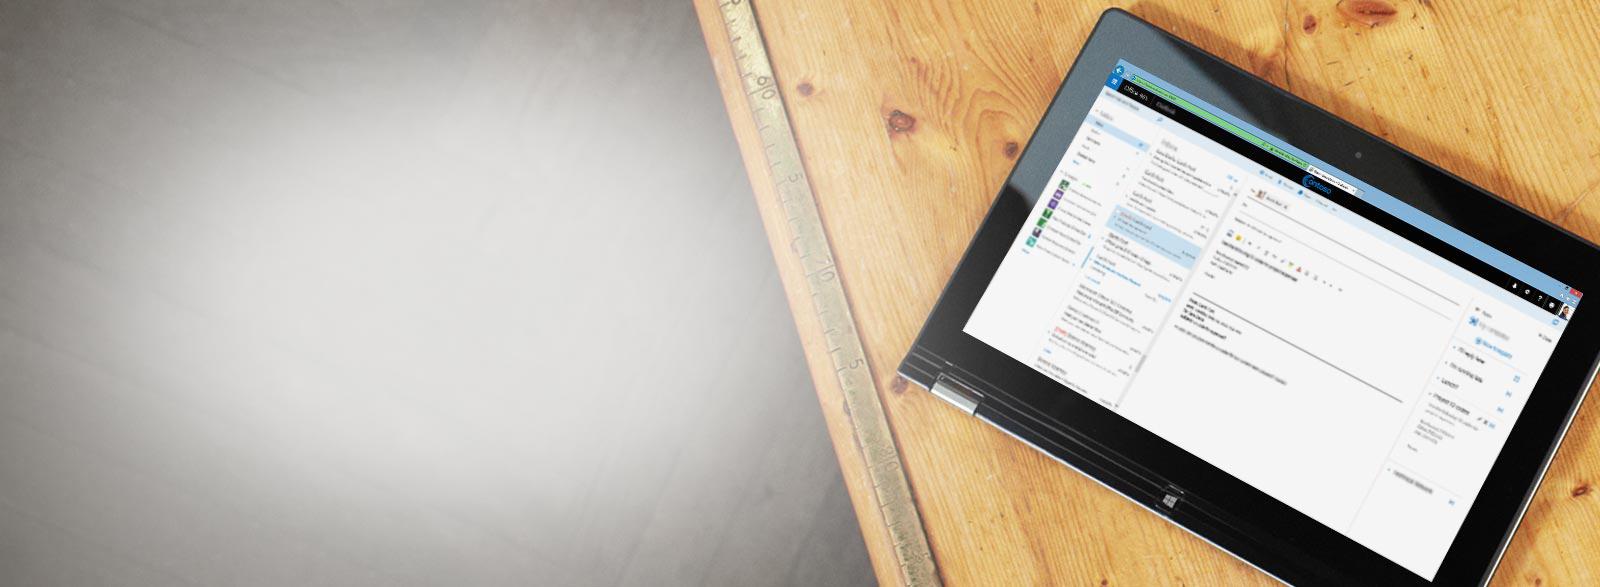 Tablet di meja, memperlohatkan close-up kotak masuk email bisnis, didukung oleh Exchange.